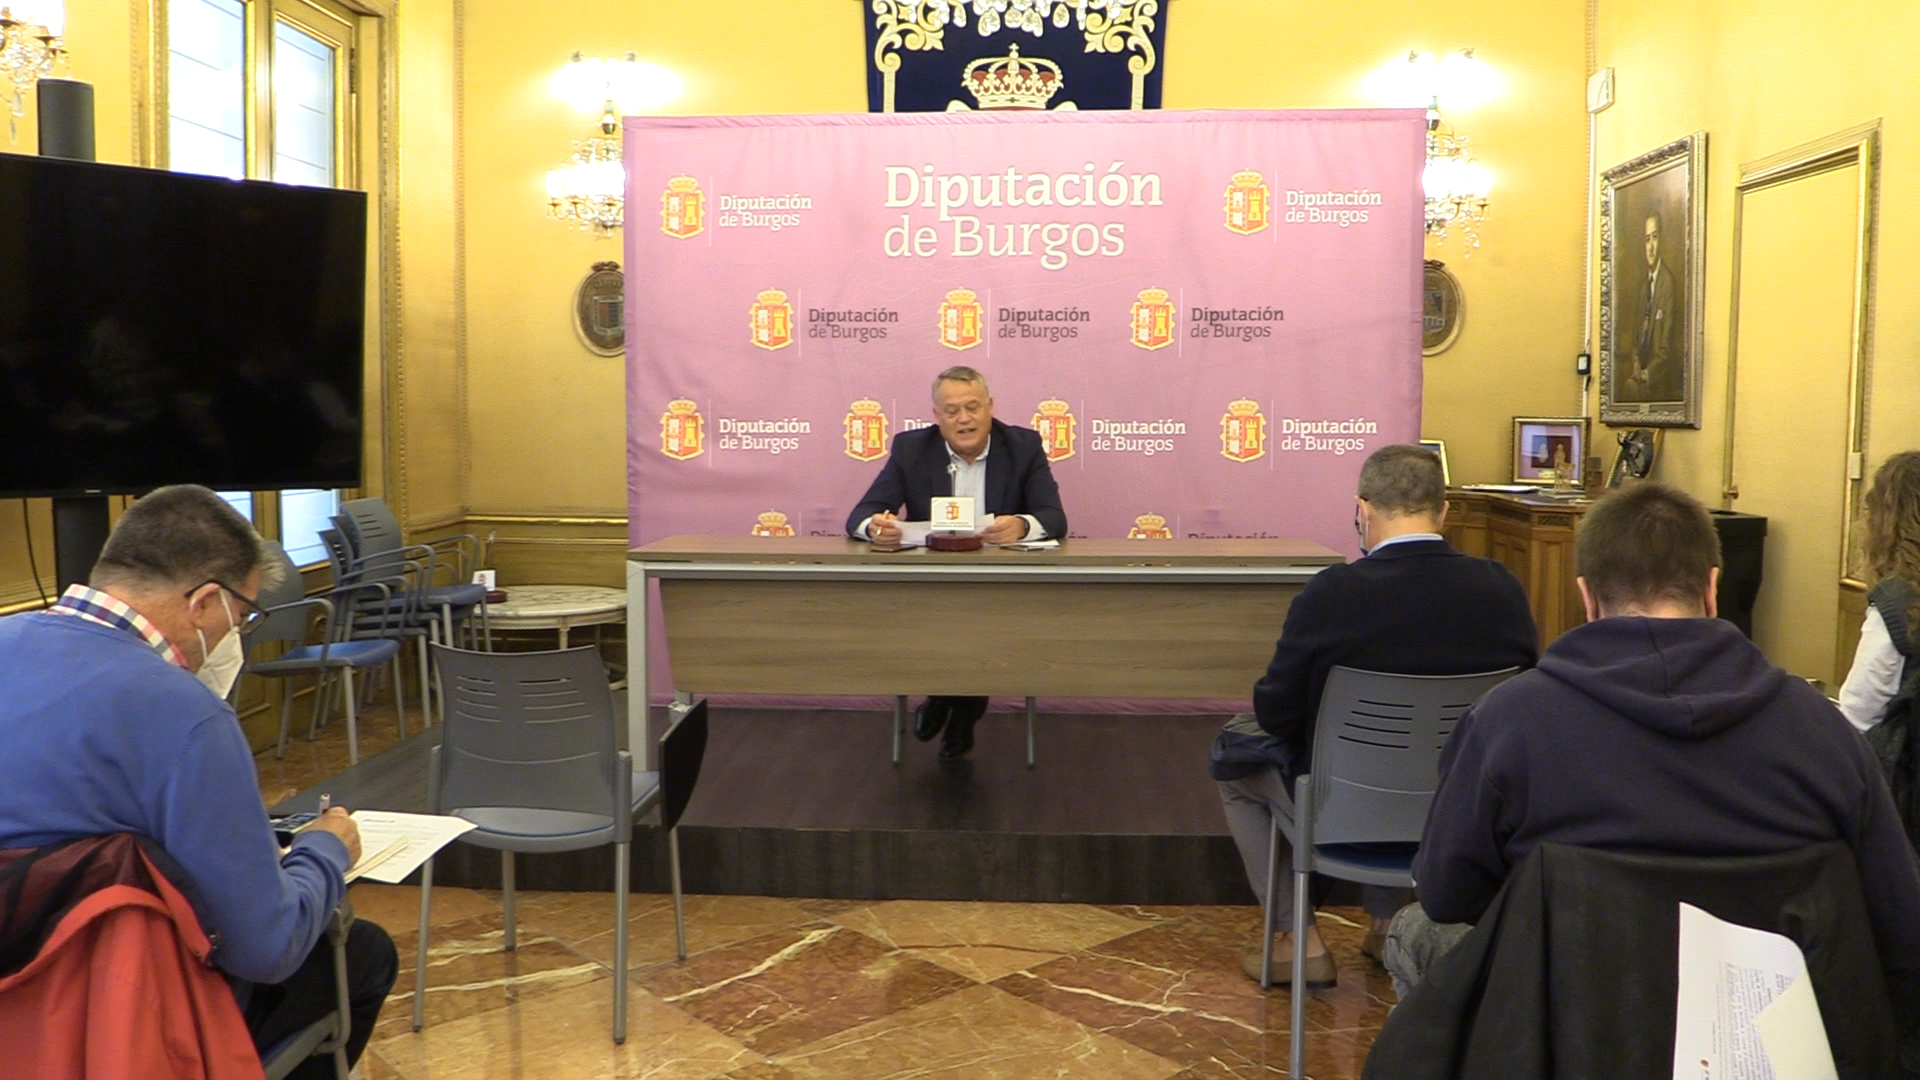 Sodebur convoca una nueva partida de 200 mil euros para microcréditos